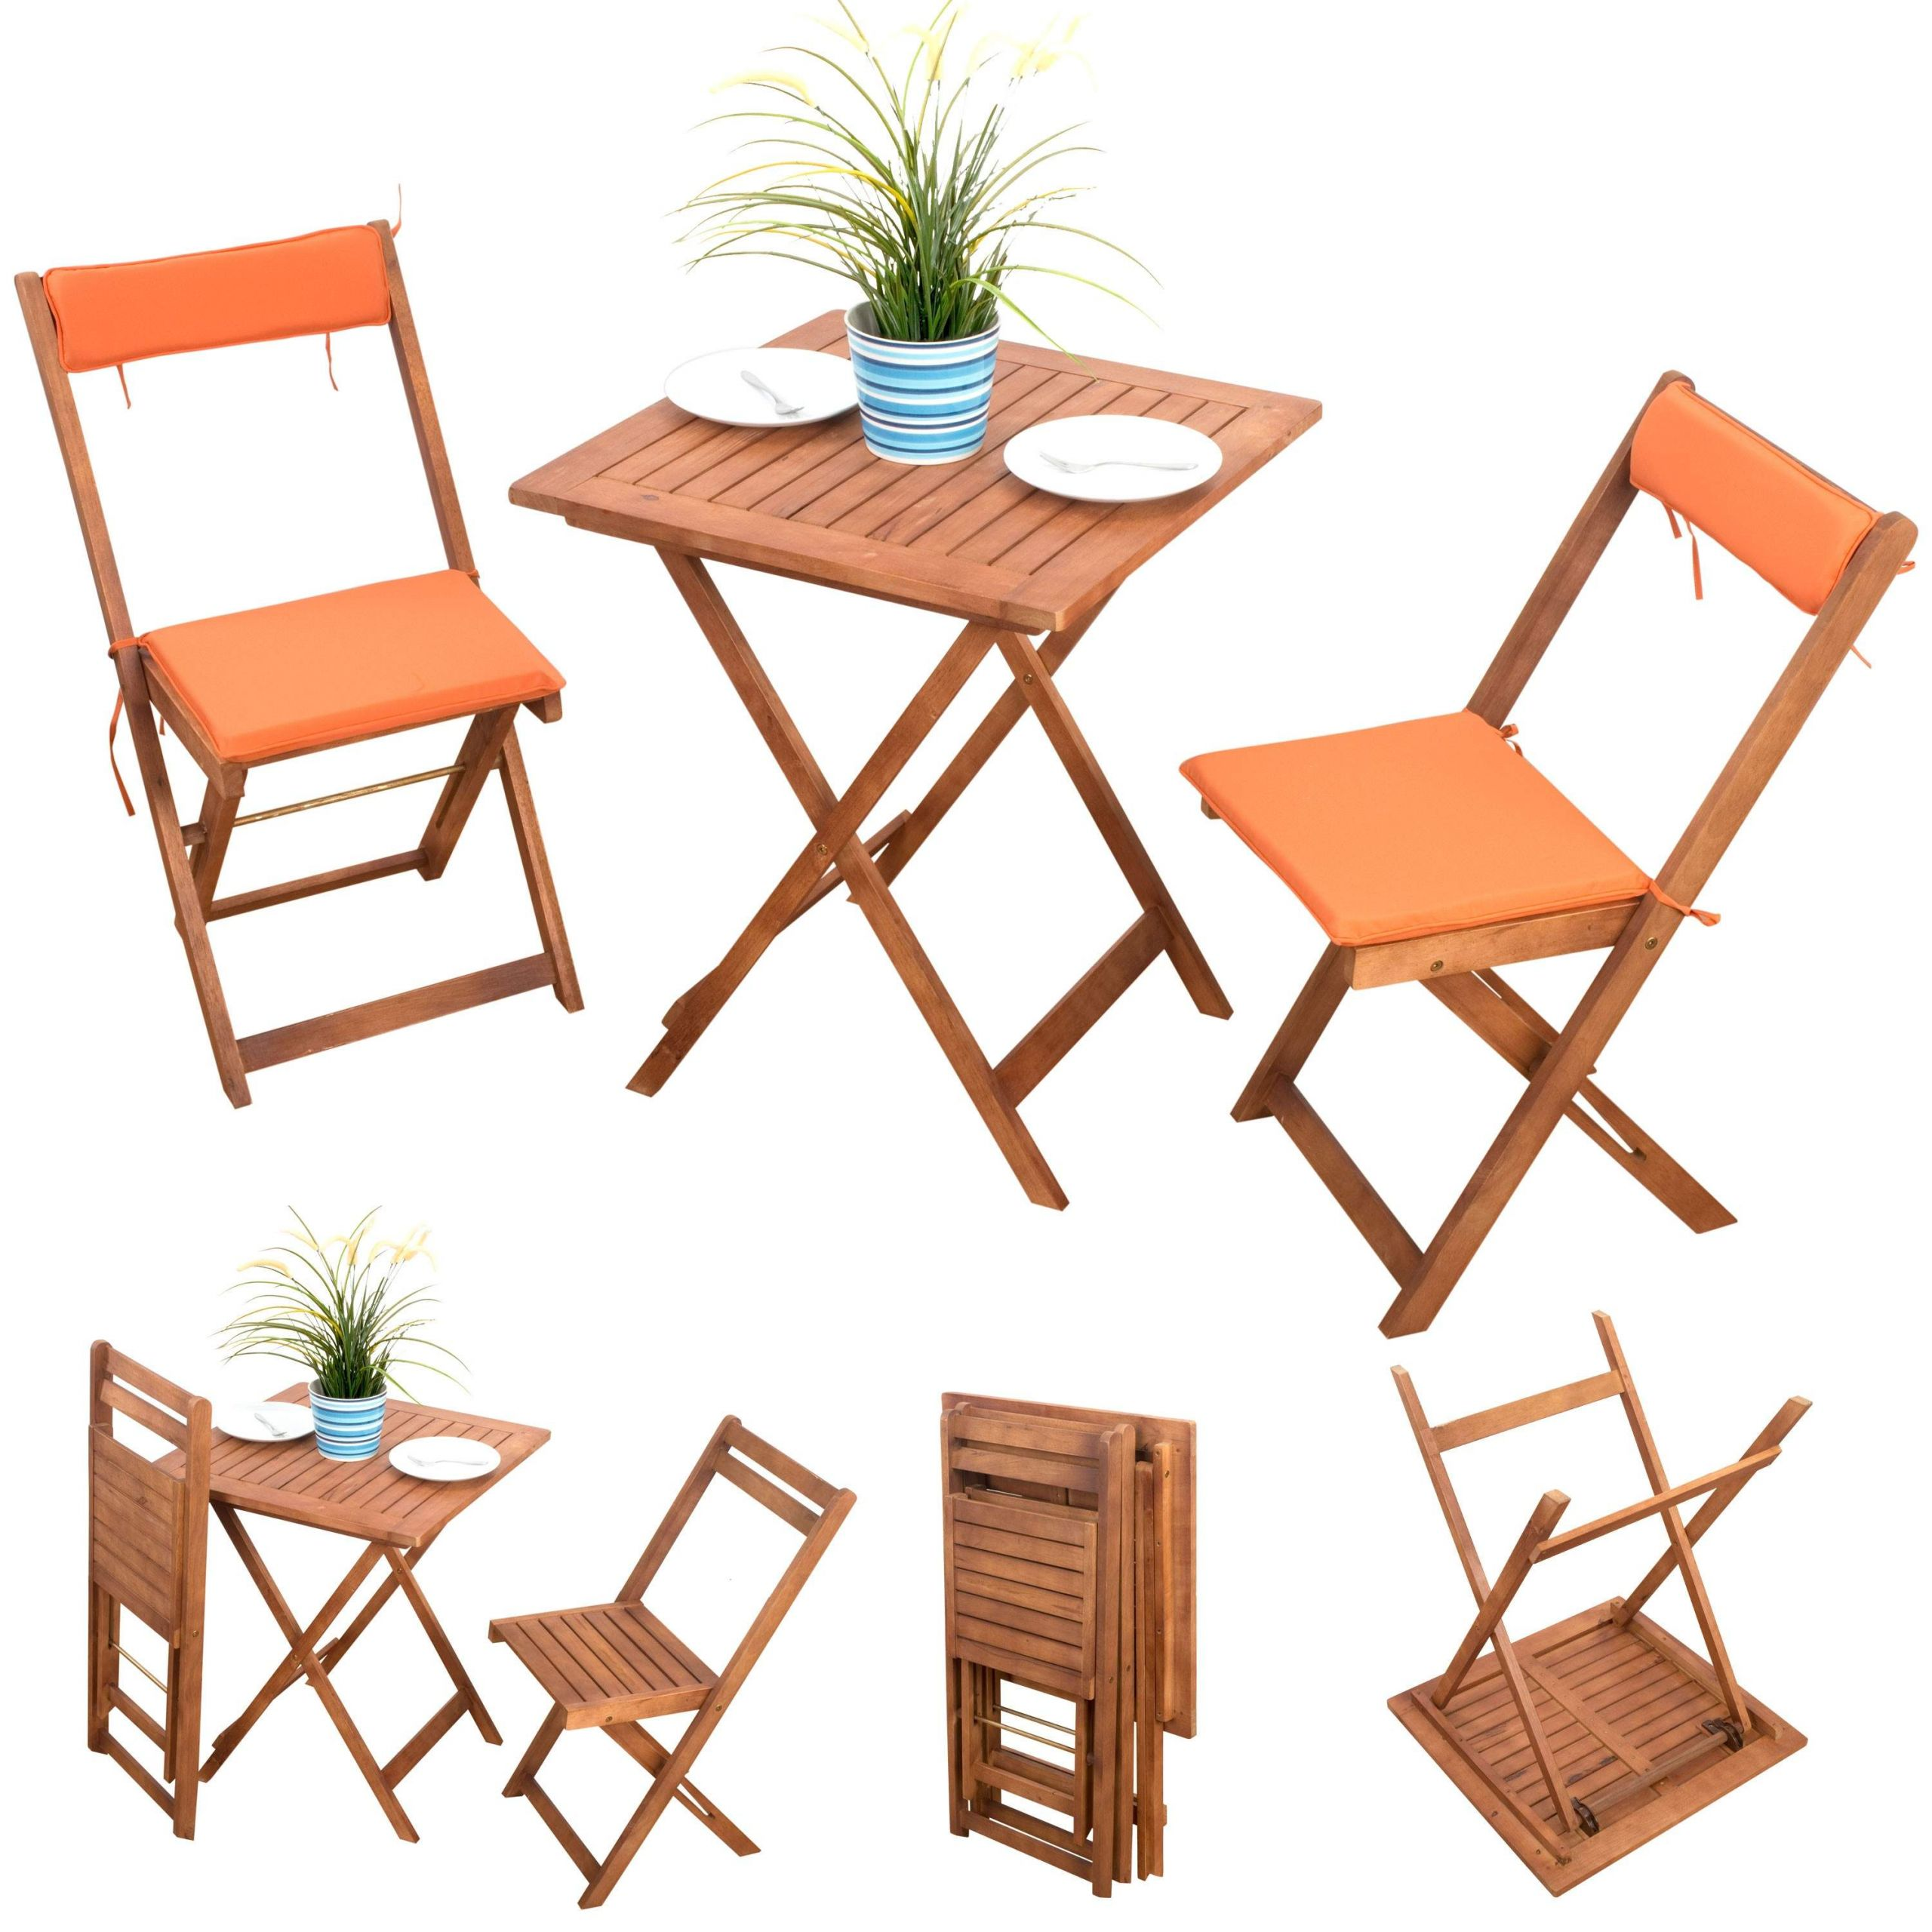 Sitzgruppe Garten Holz Frisch 7 Tlg Holz Gartenmöbel Günstig 2 1 ✔ Xl ✔ Akazie ✔ orange